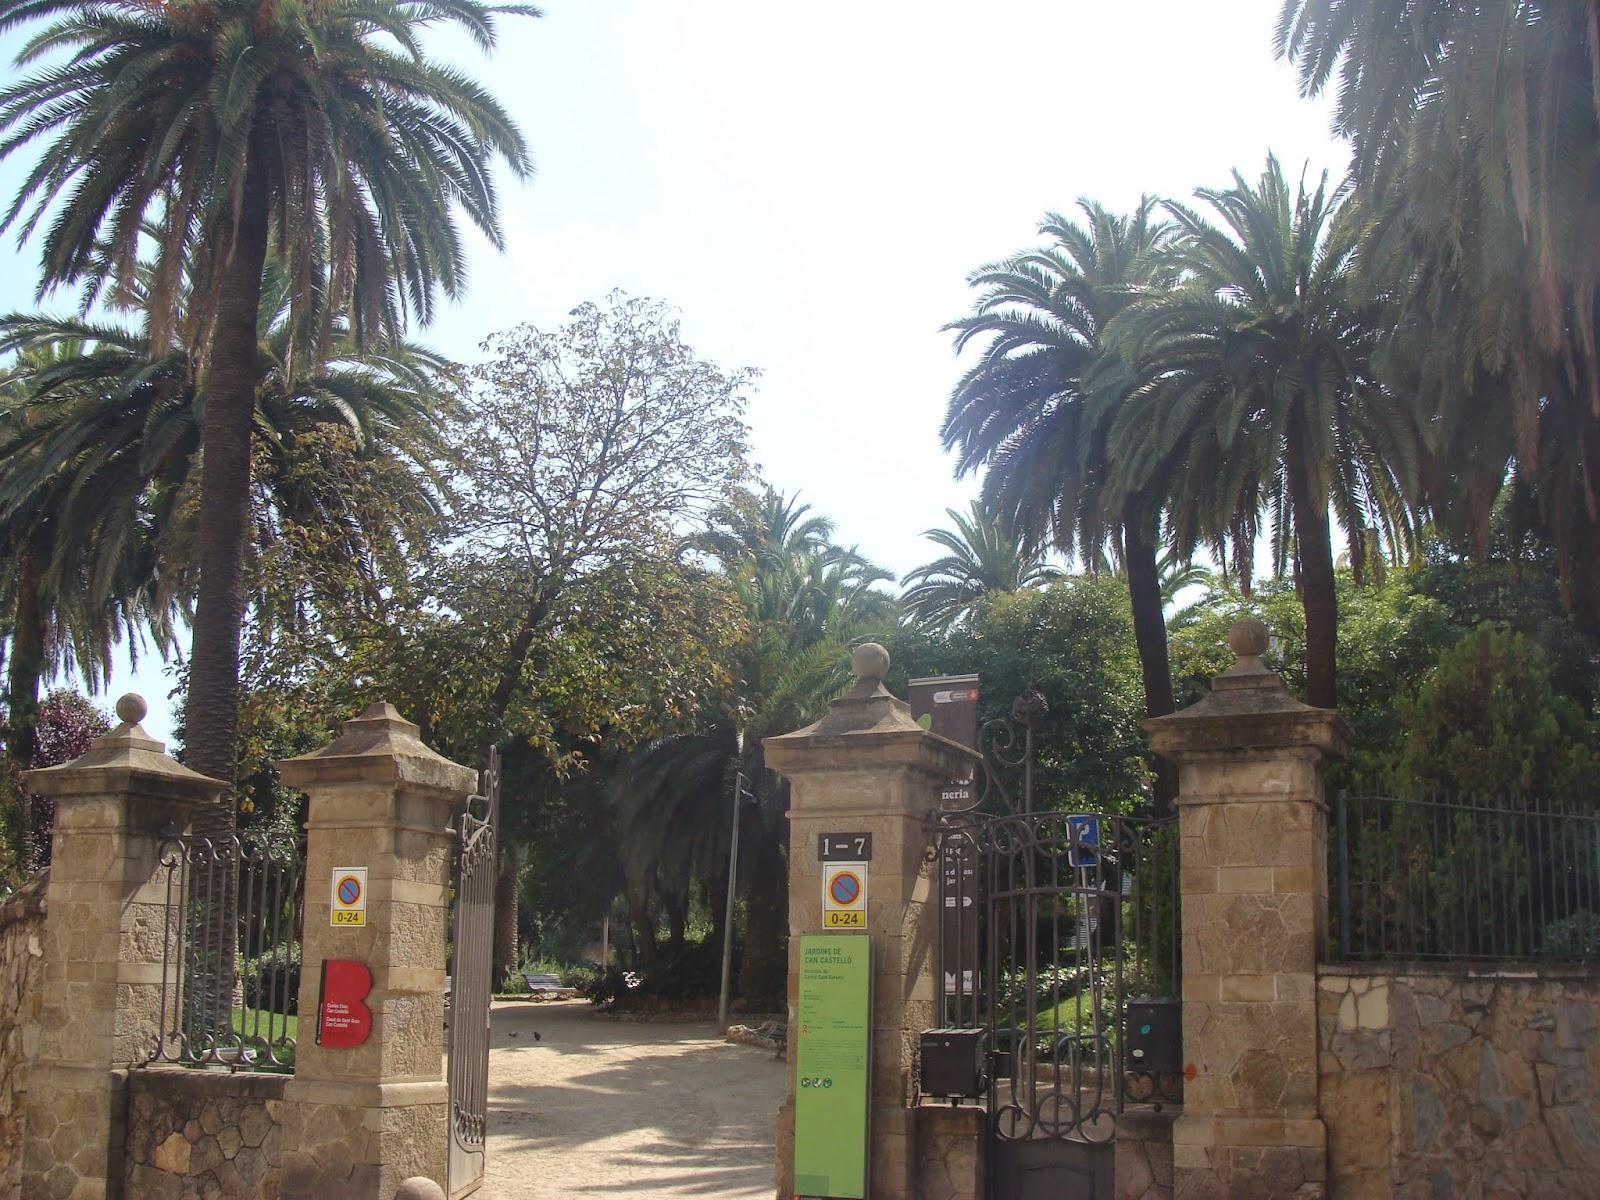 El rincon de un jardin rincones con encanto jardines de - Jardines con encanto ...